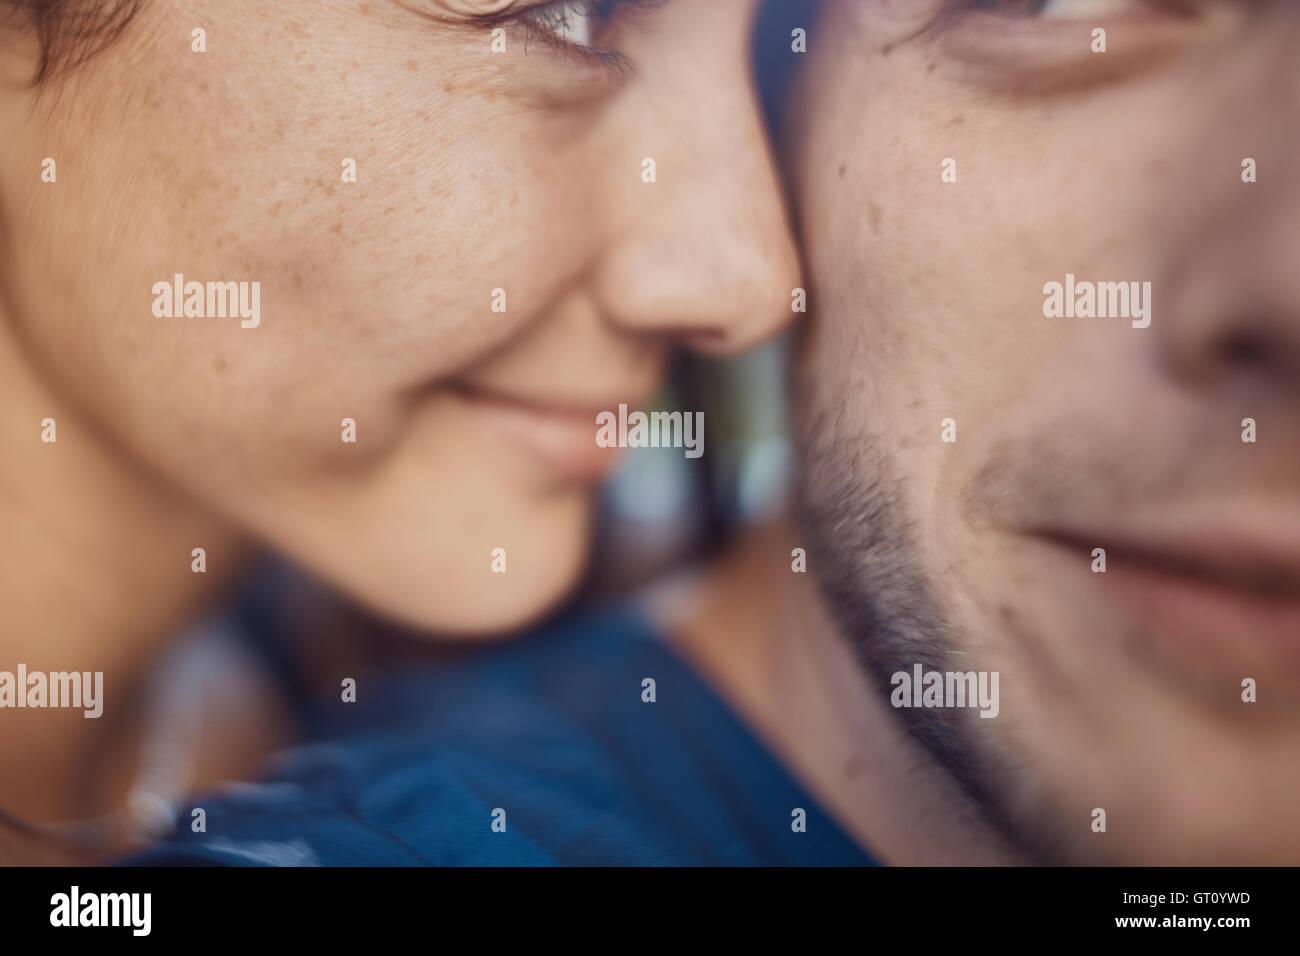 Imagen cercana de amorosa pareja romántica en vacaciones a divertirse y disfrutar del tiempo Imagen De Stock